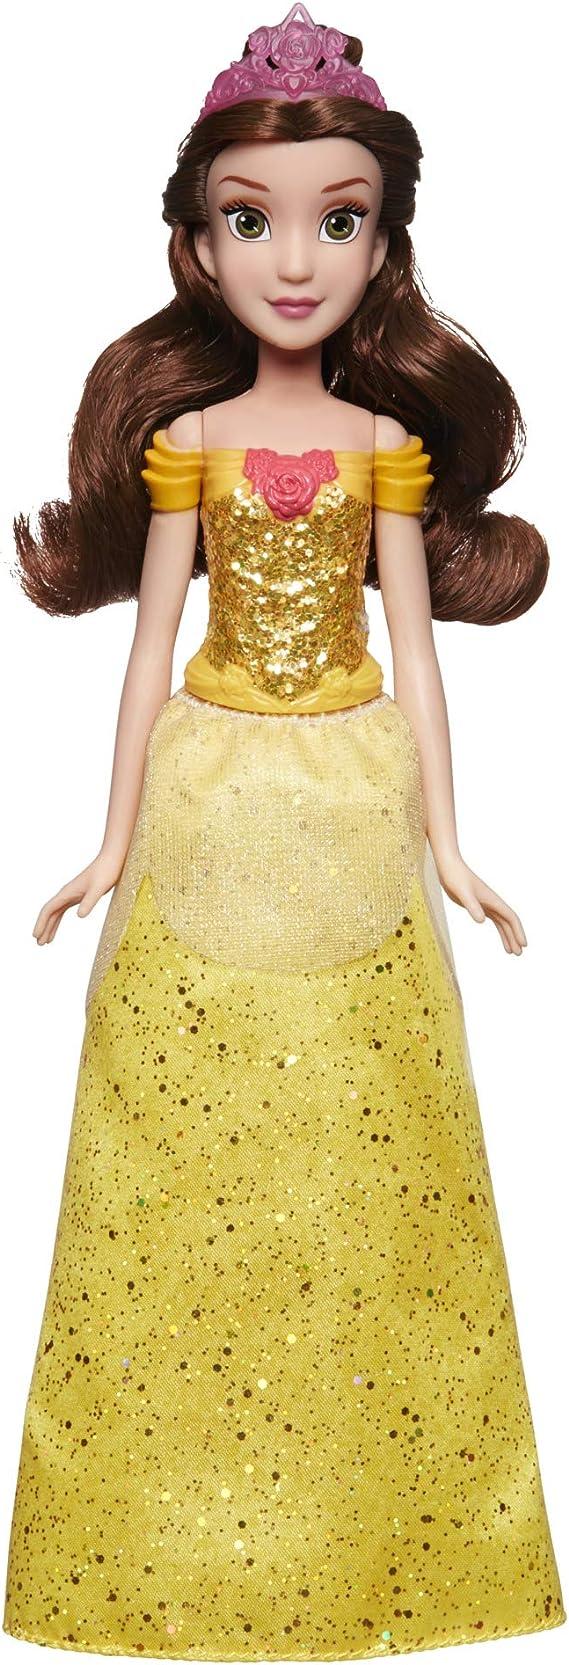 Disney Princesses – Poupee Princesse Disney Poussière d'Etoiles Belle - 30 cm